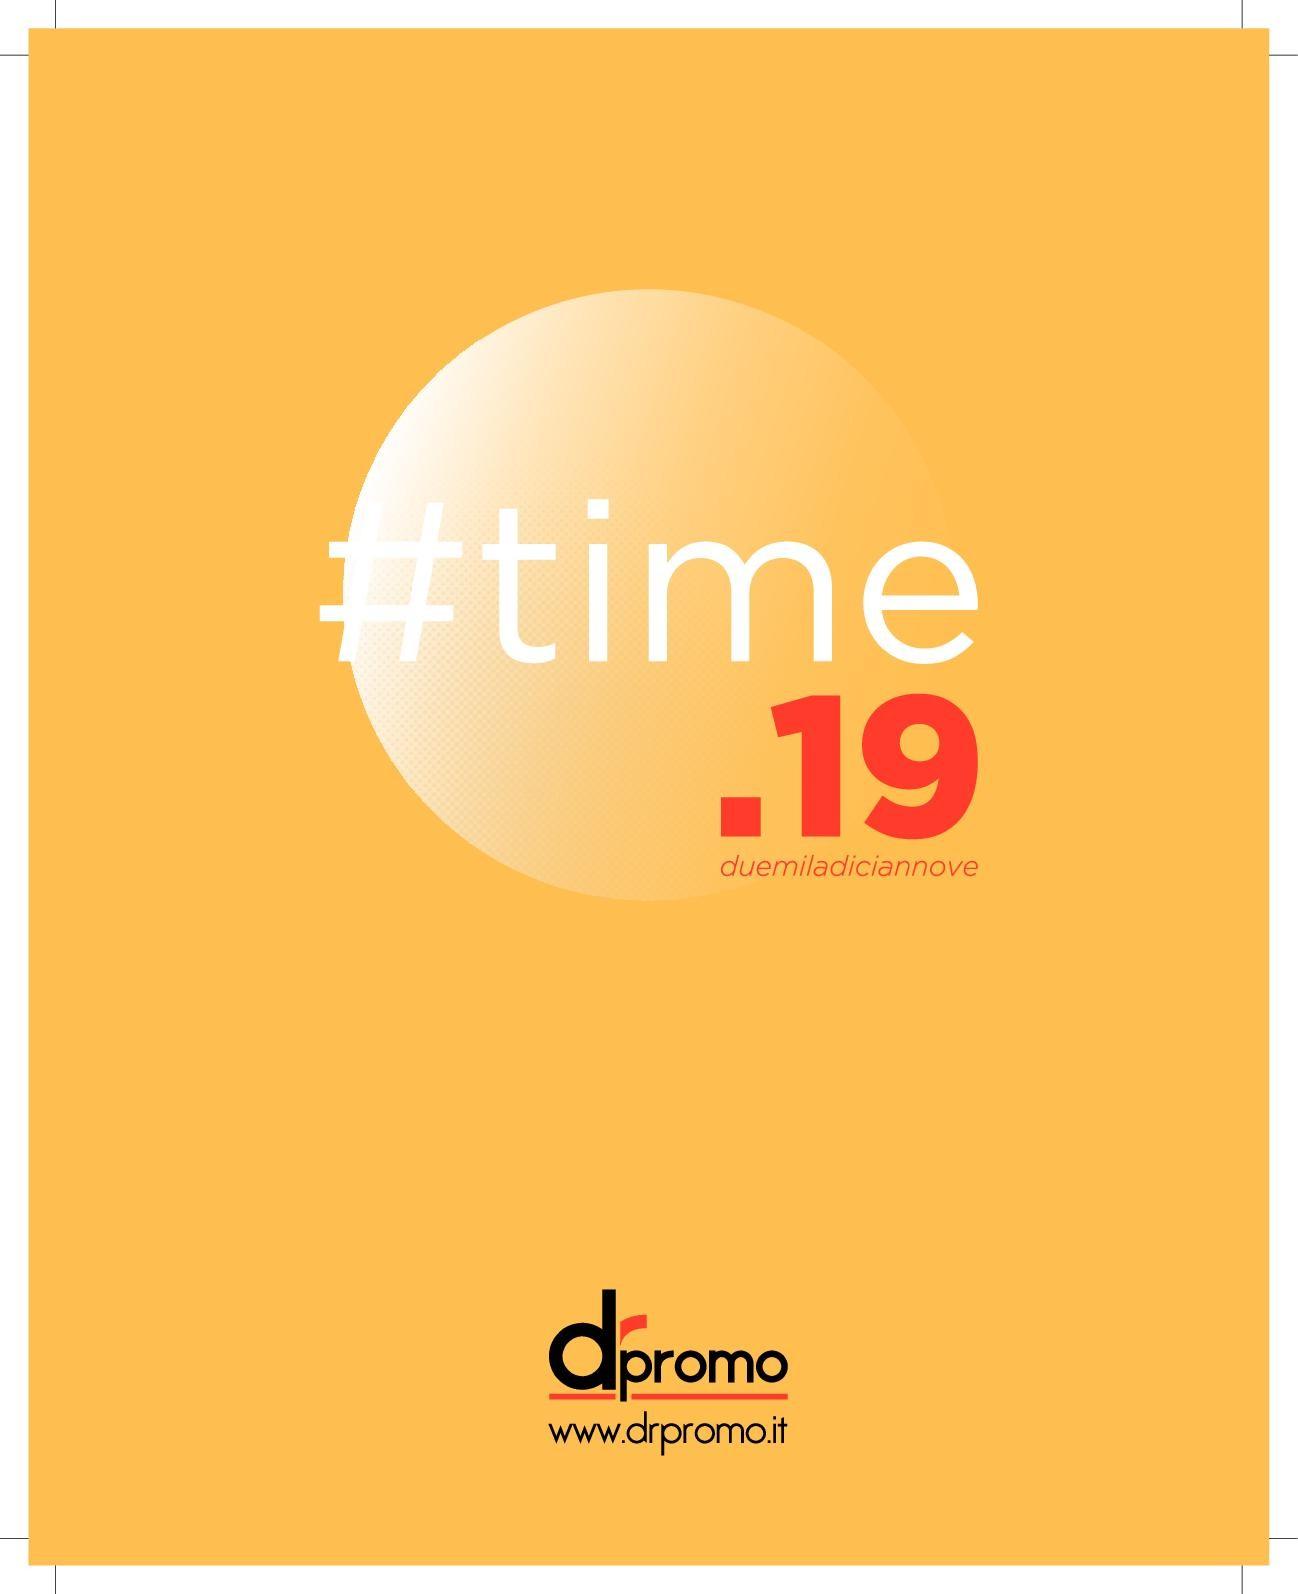 Calendario 2019 Per Bambini Da Stampare Más Actual Calaméo Catalogo Drpromo 2019 Of Calendario 2019 Per Bambini Da Stampare Actual Download Cataloghi